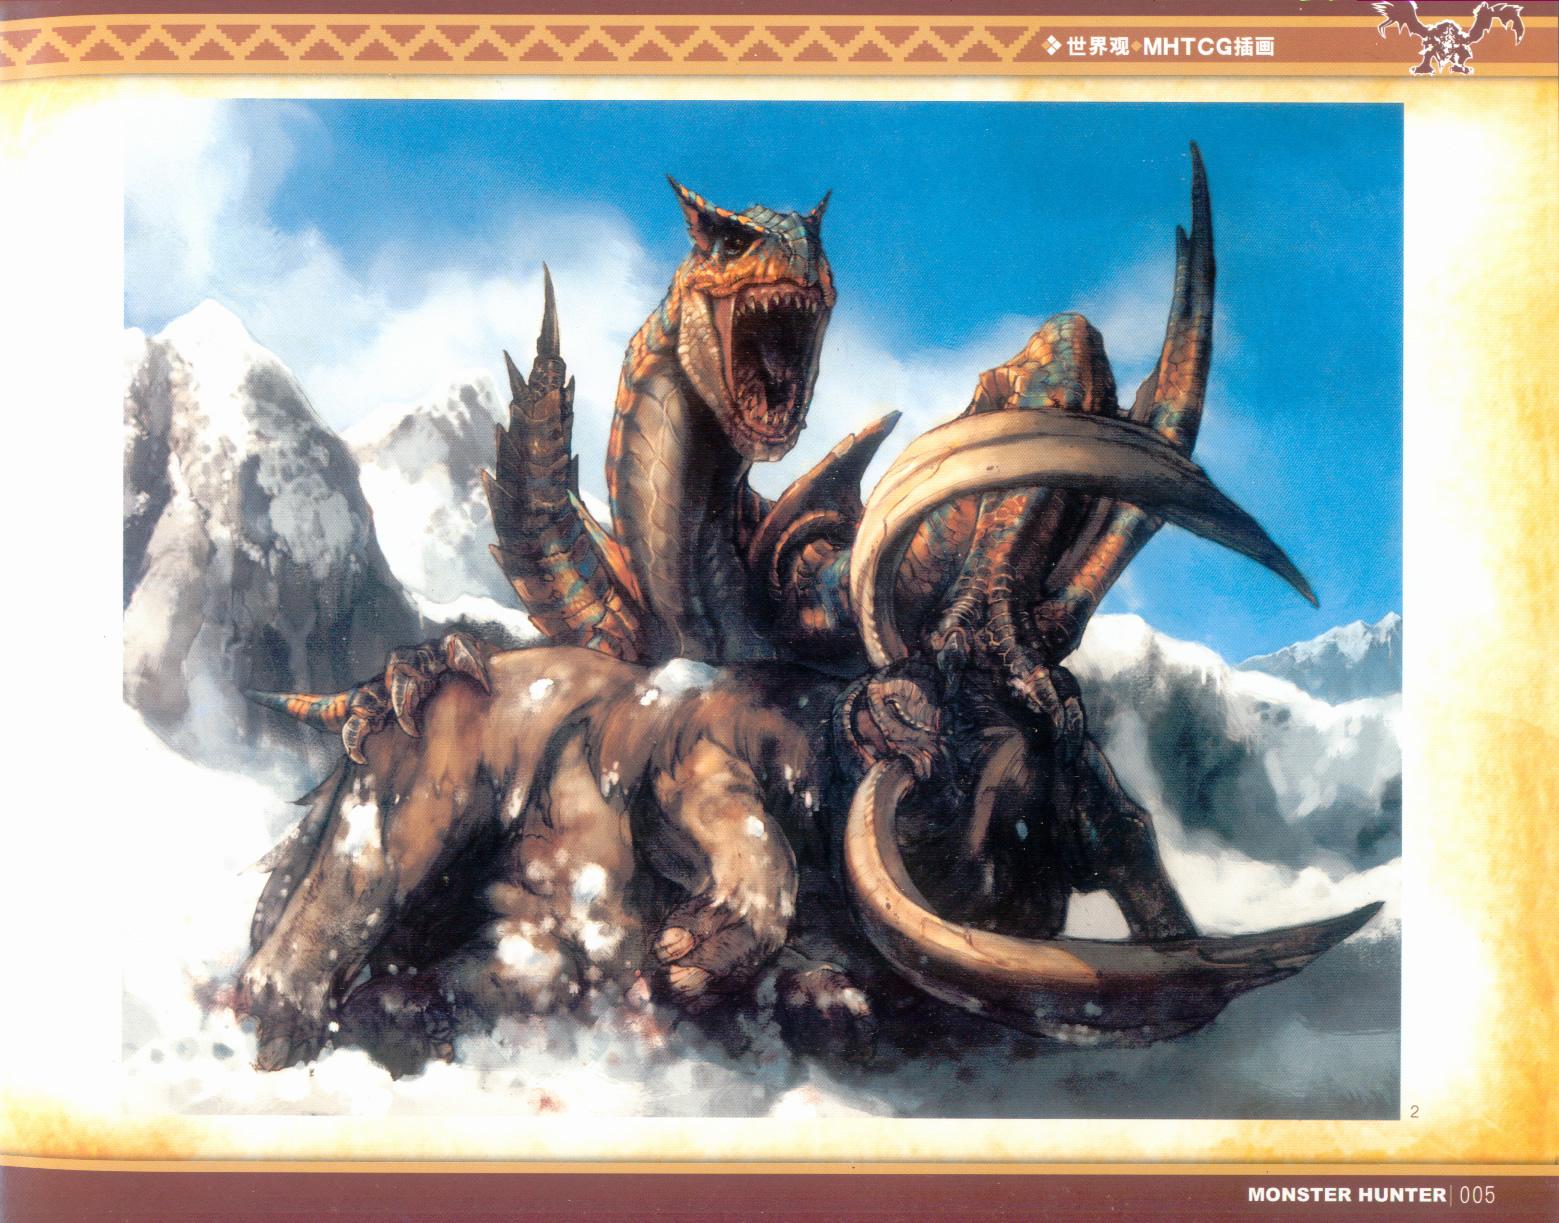 005_关注-游艺网GAME798海量资源下载怪物猎人终极画集.jpg